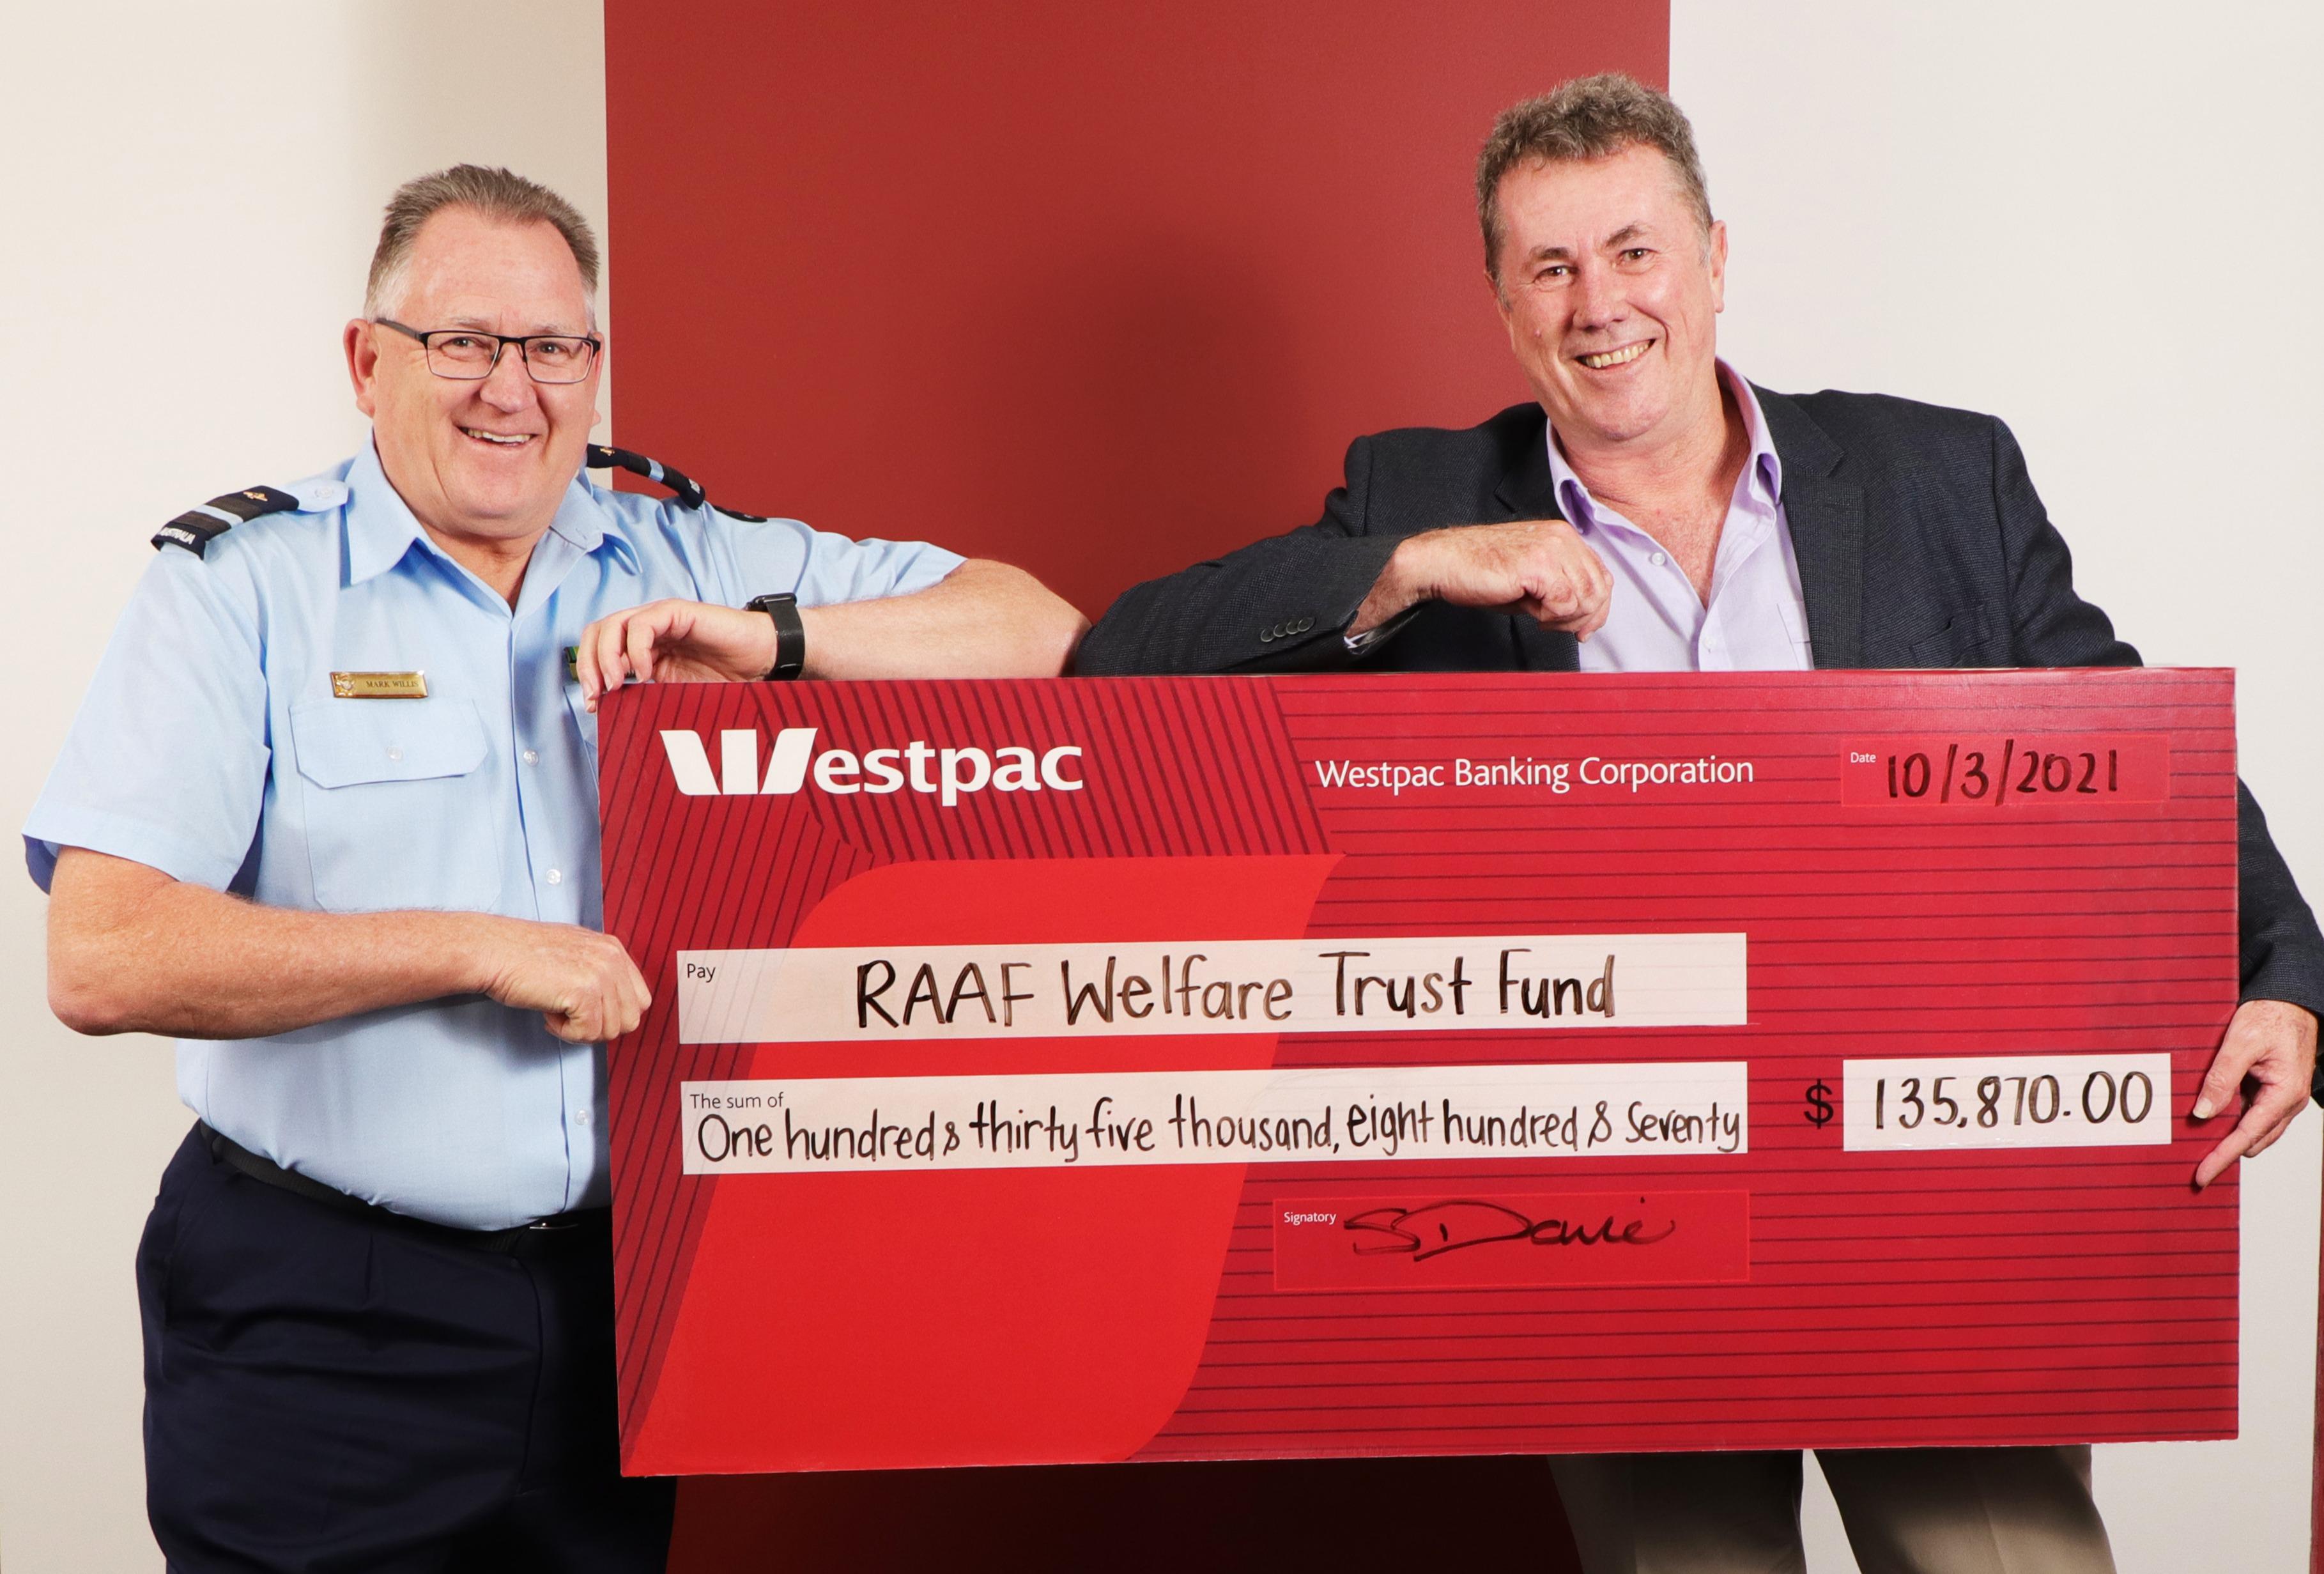 RAAF Welfare Trust Fund Cheque (1)